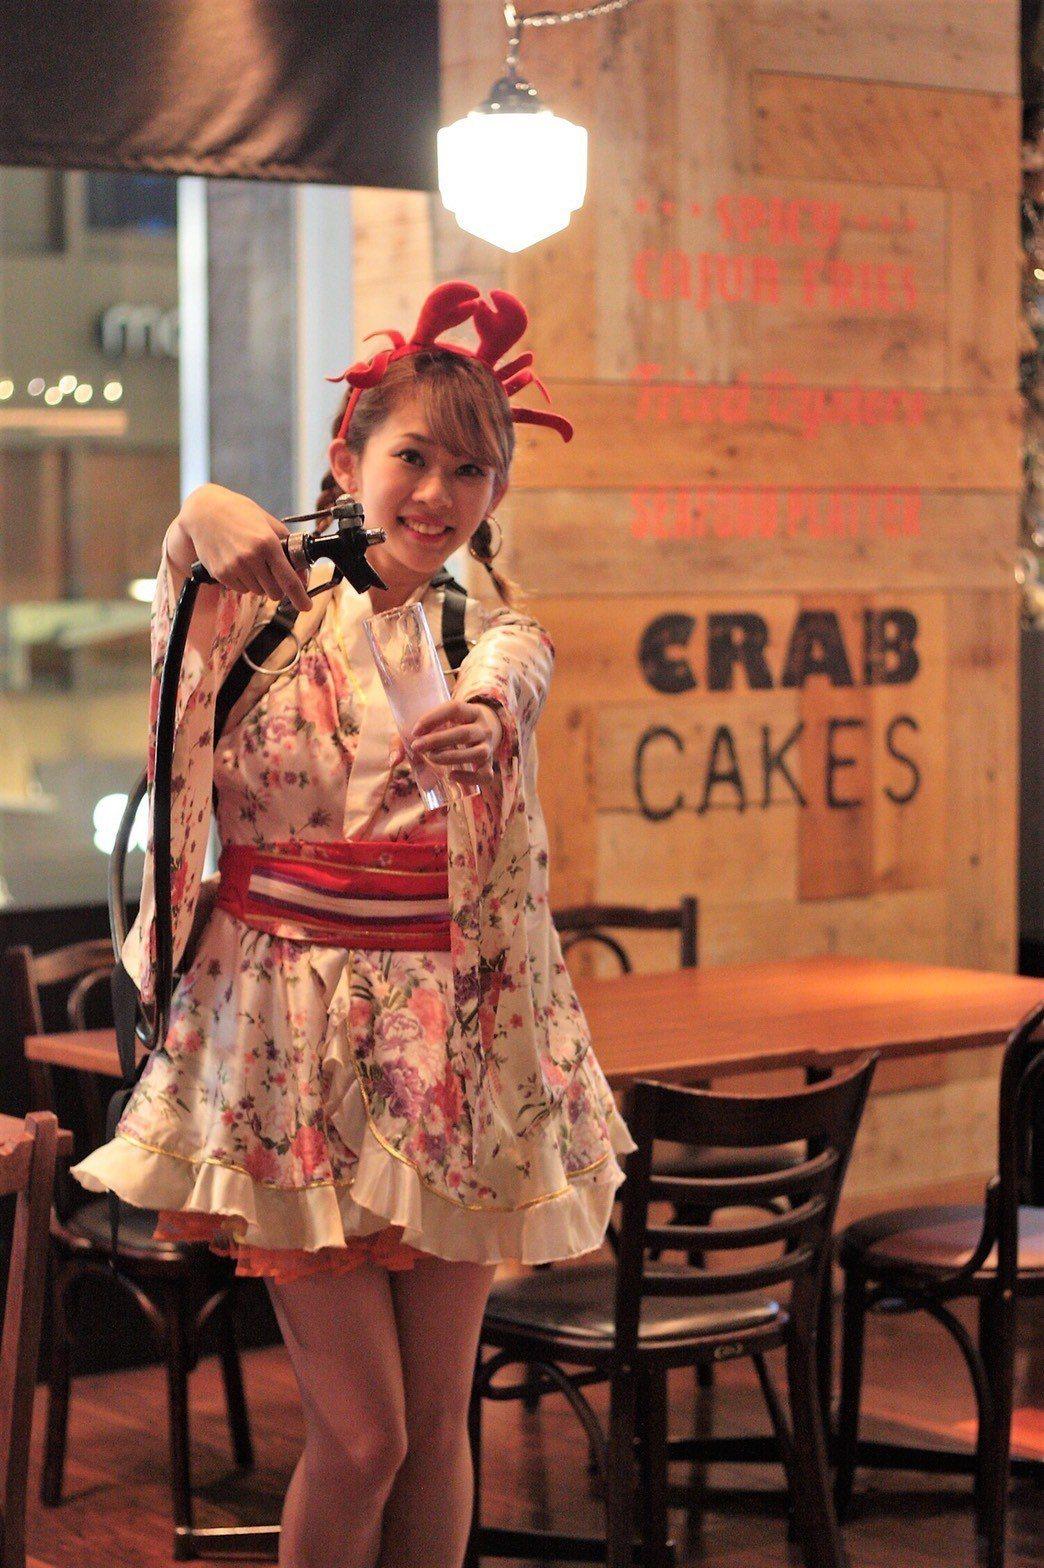 櫻花季活動期間,啤酒女孩也會換上應景的櫻花系服裝。圖/蟹舞提供